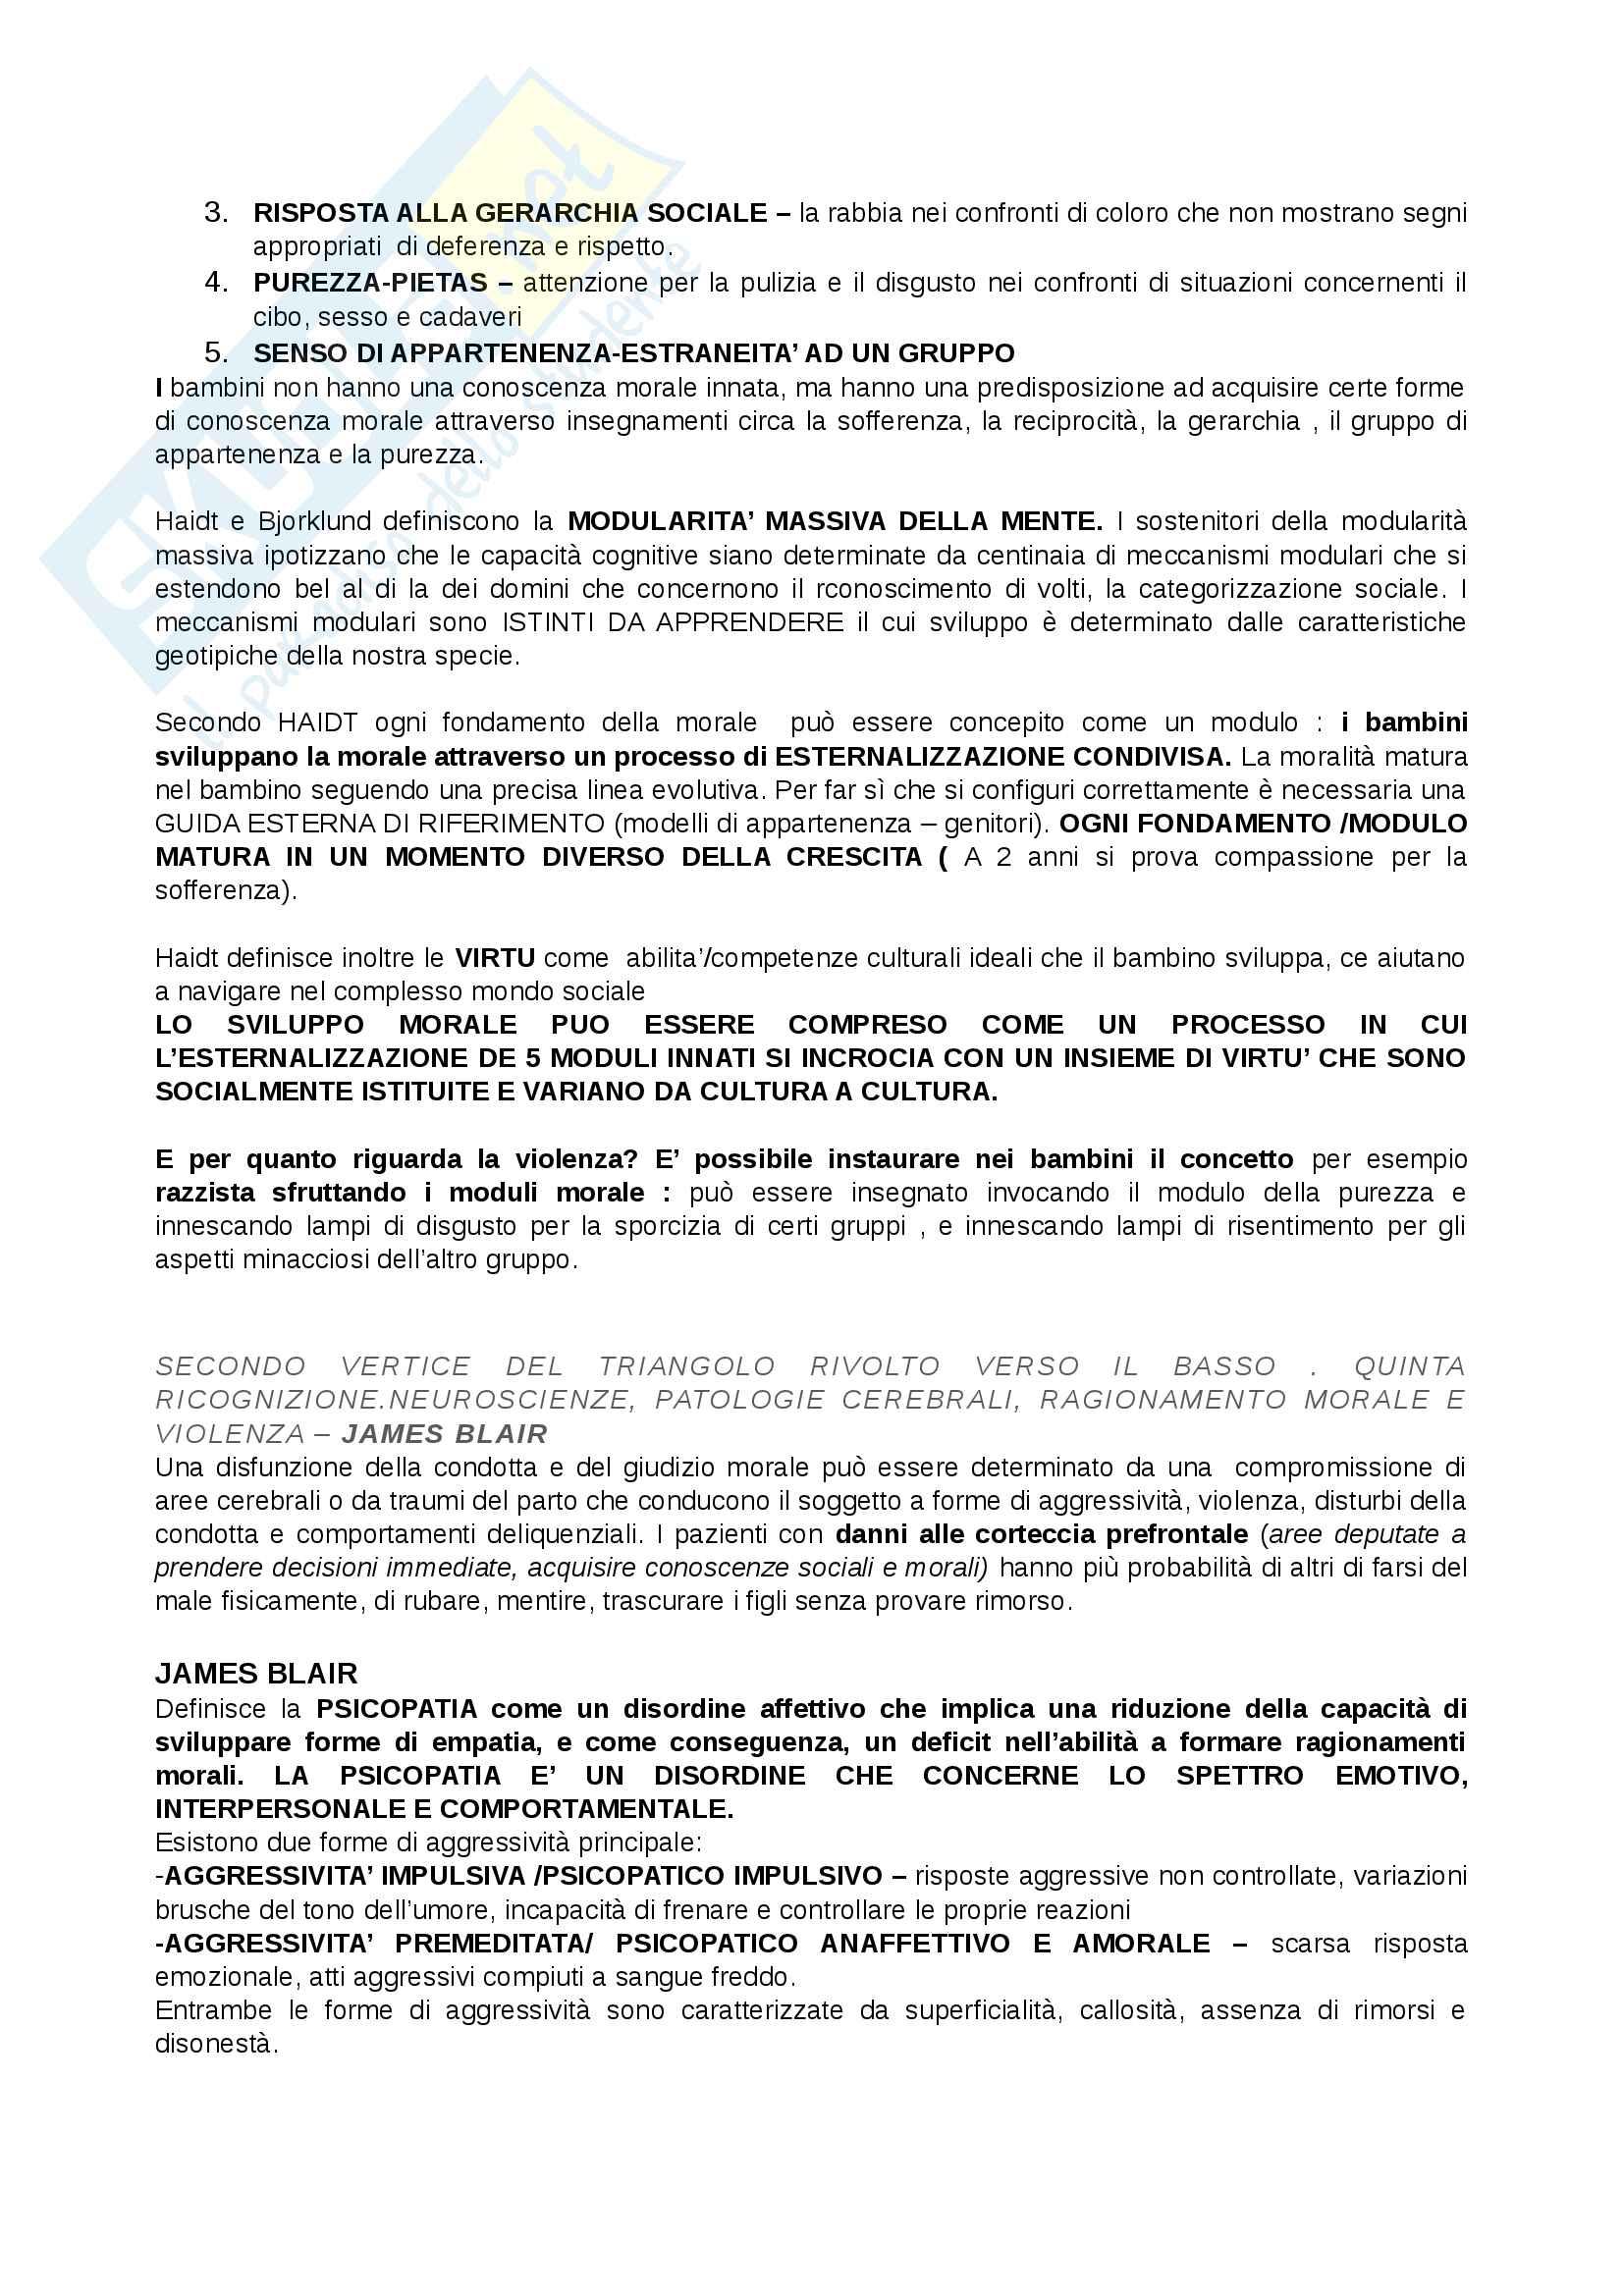 Riassunto esame Criminologia, docente, Cornelli libro consigliato Cosmologie violente, Adolfo Ceretti, Lorenzo Natali Pag. 2